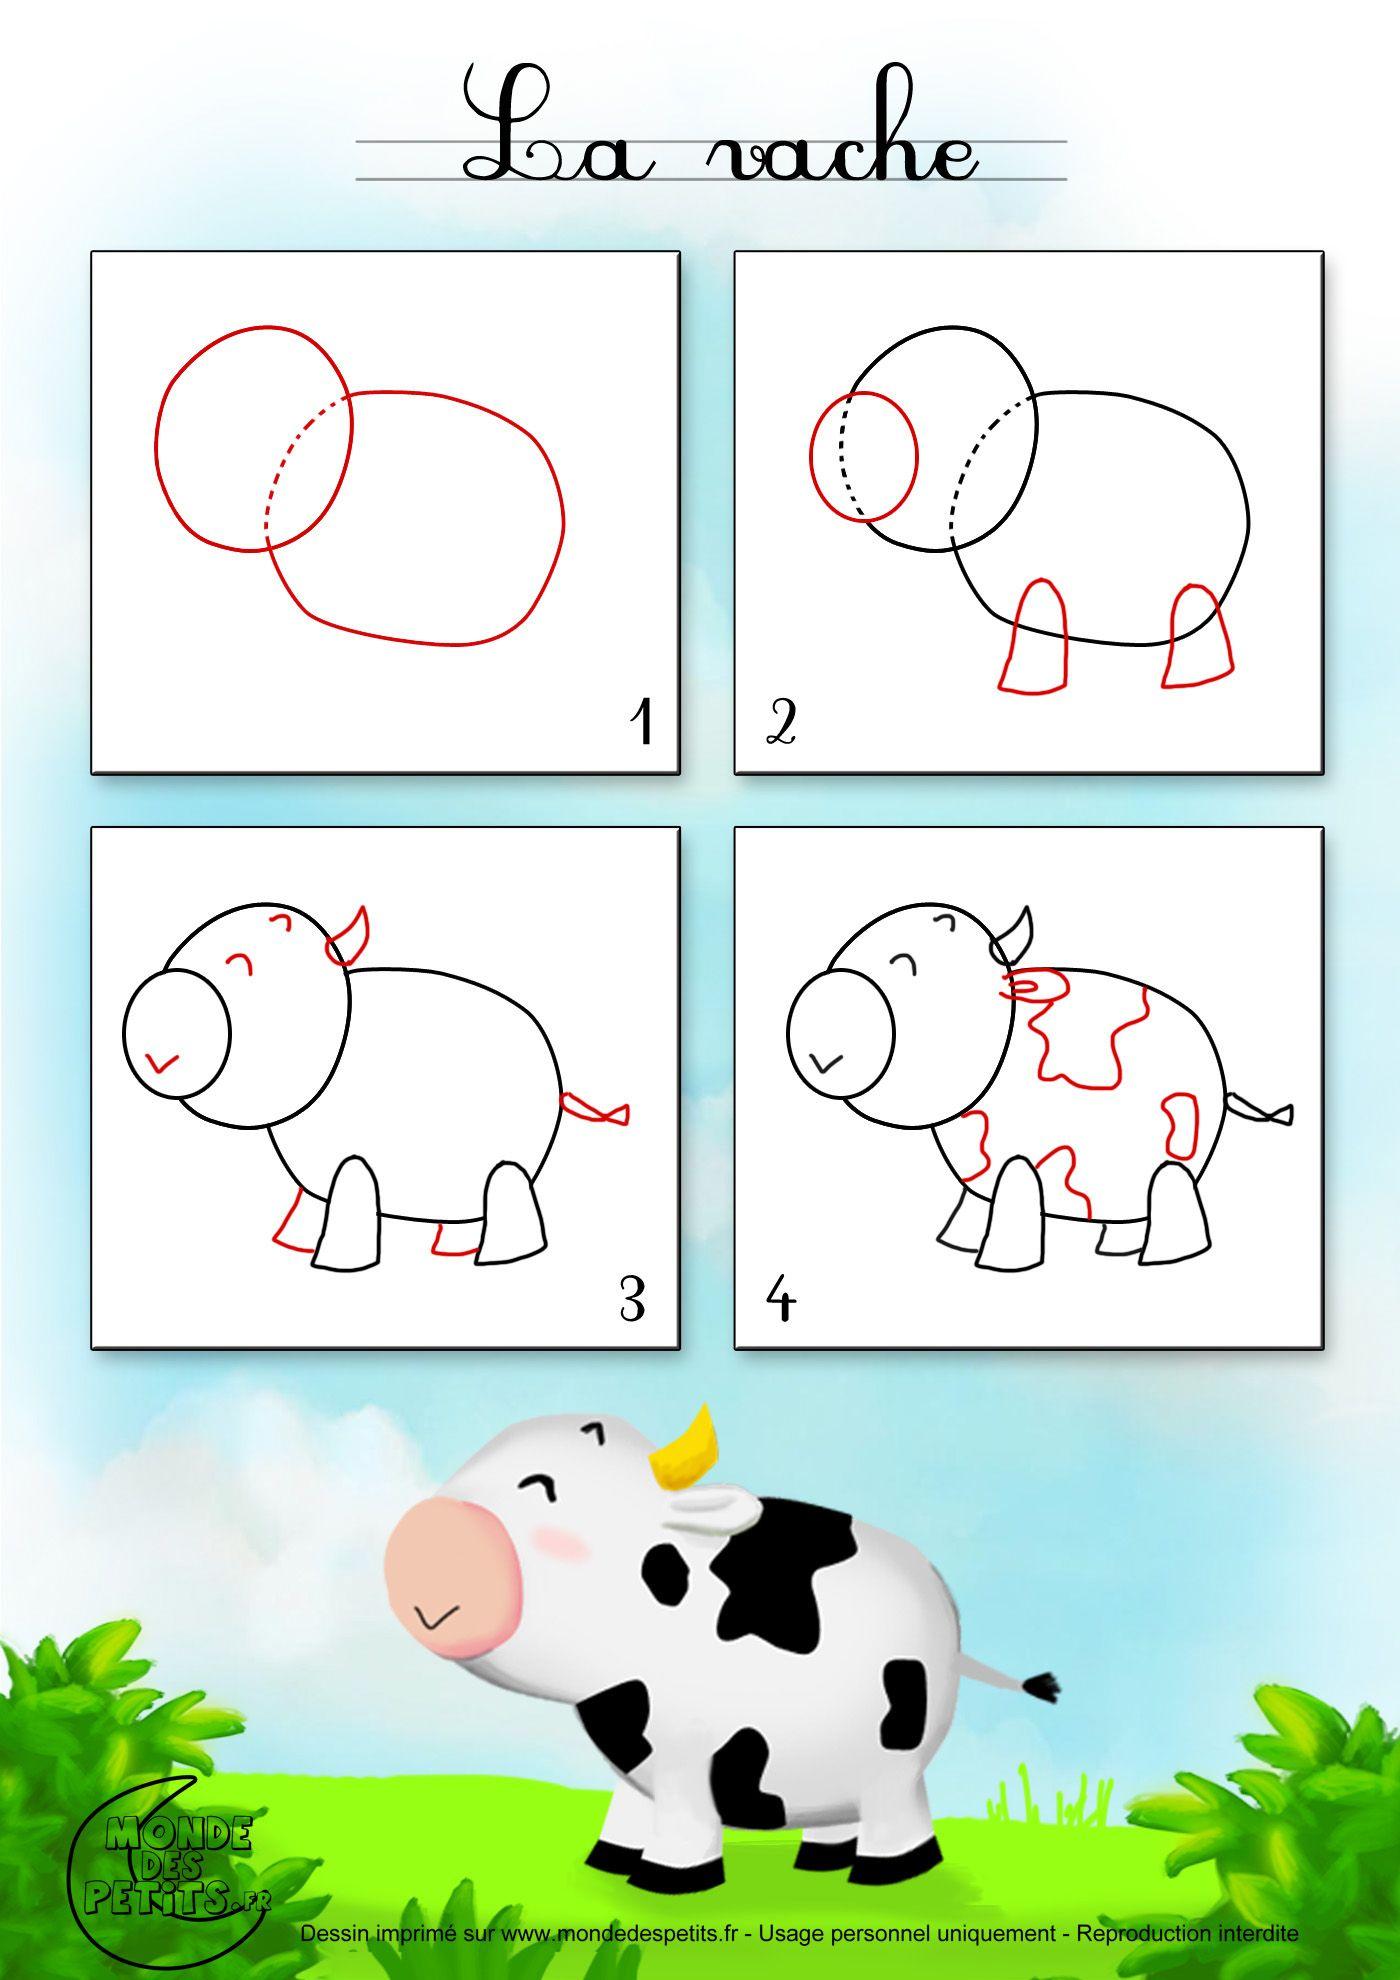 Dessin2 comment dessiner une vache basteln pinterest - Vache dessin facile ...